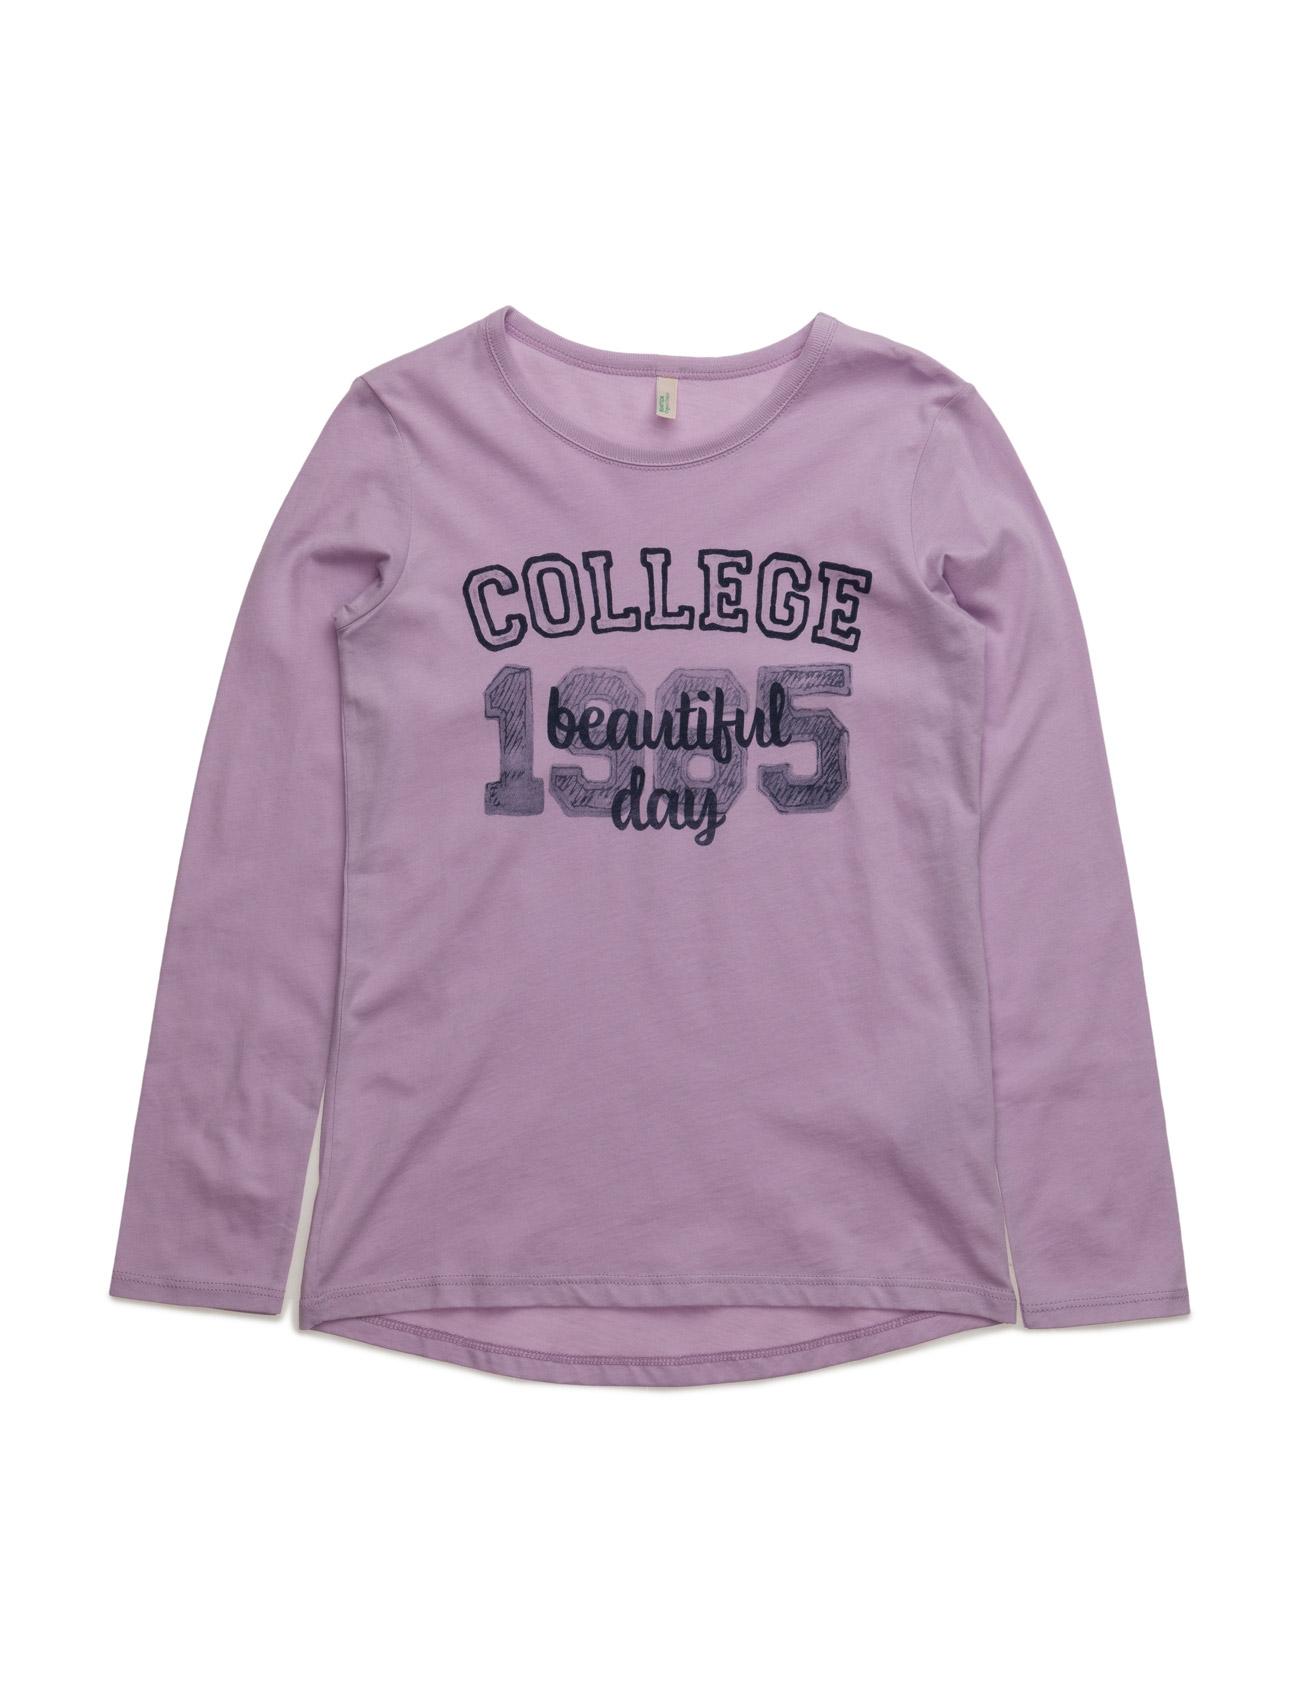 T-Shirt L/S United Colors of Benetton Langærmede t-shirts til Børn i Fløde